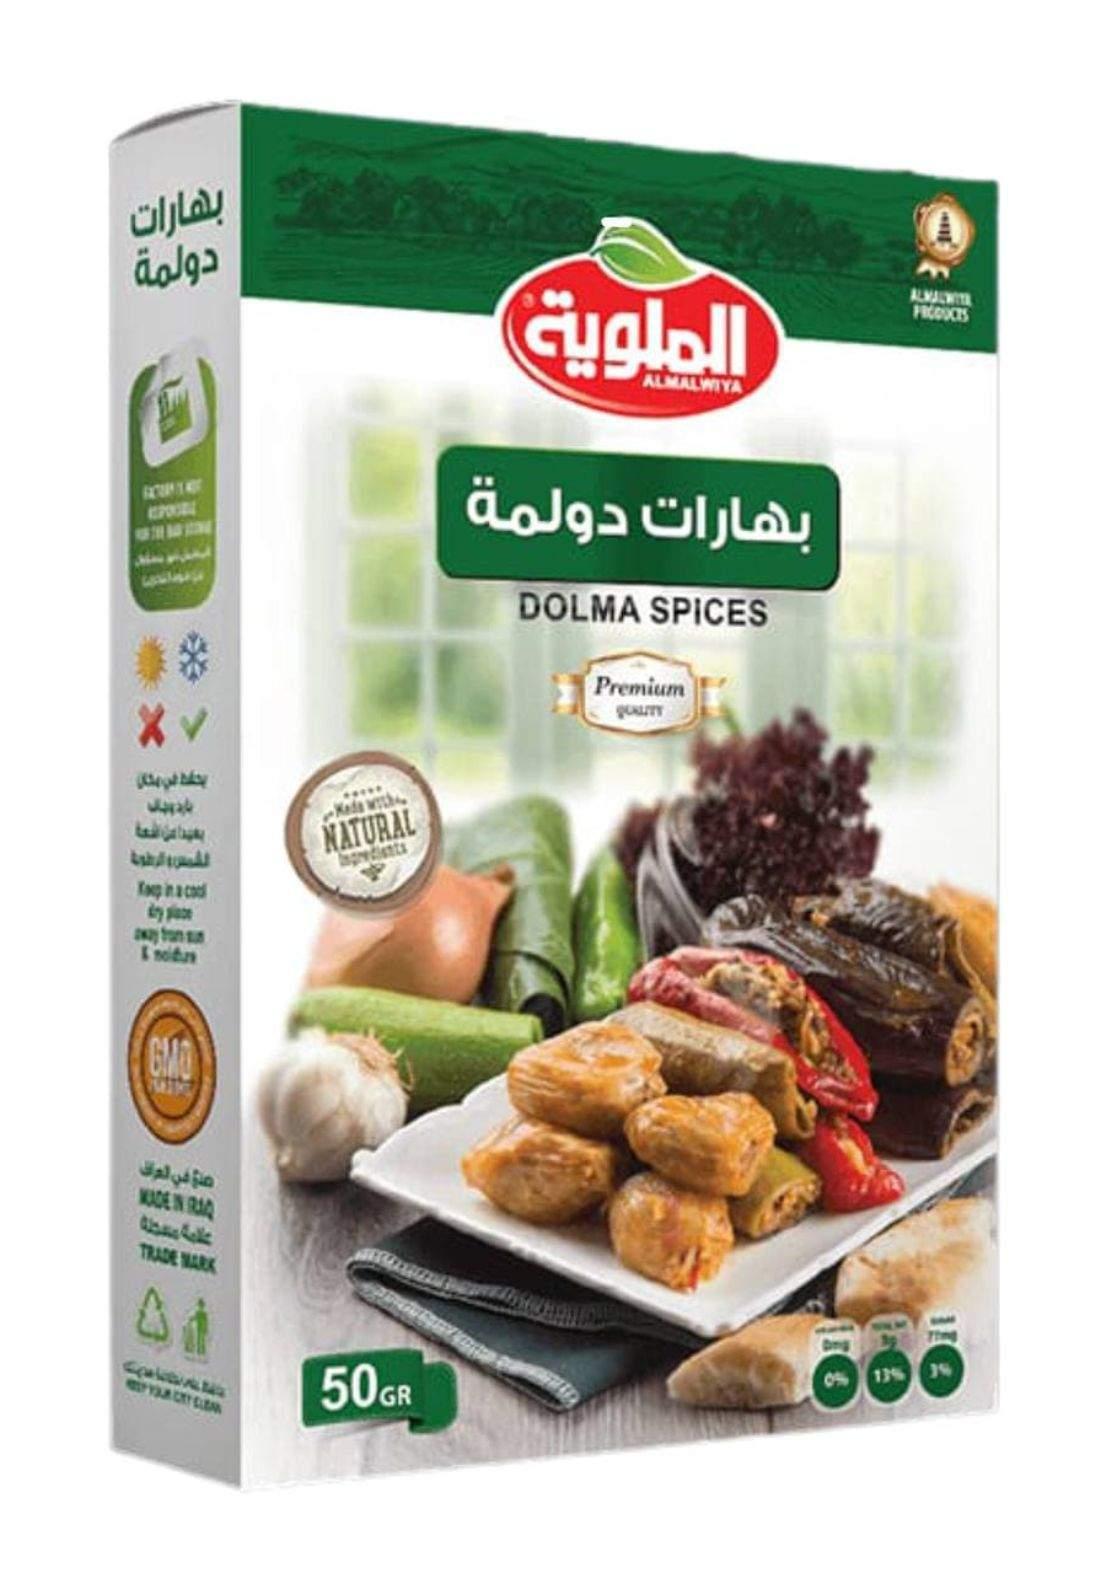 Dolma spices 50g الملوية بهارات دولمة